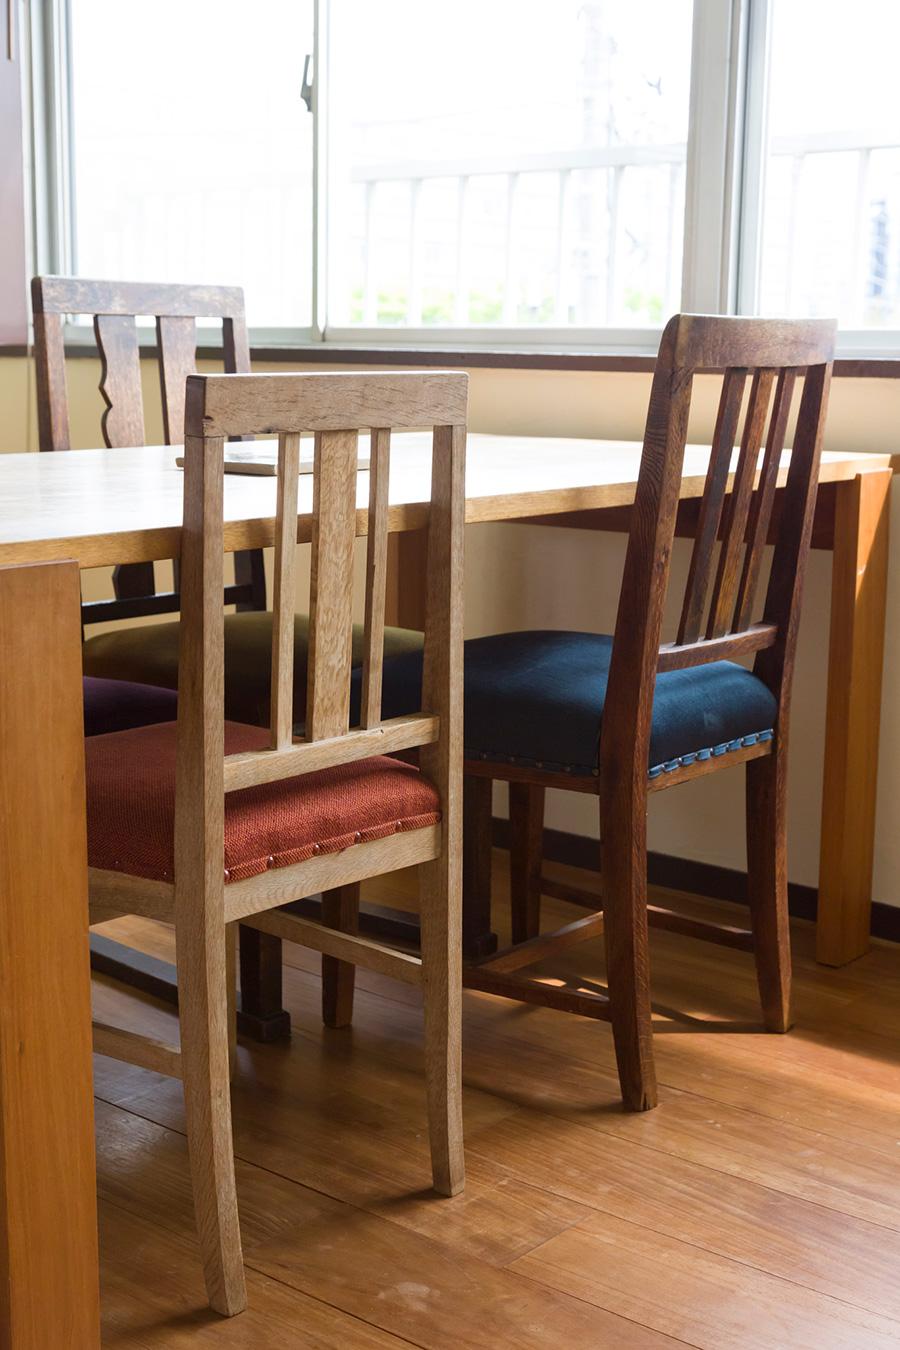 食卓テーブルのイスは座面の色もデザインも少しづつ違っていながら、統一感が感じられるチョイスがお洒落。